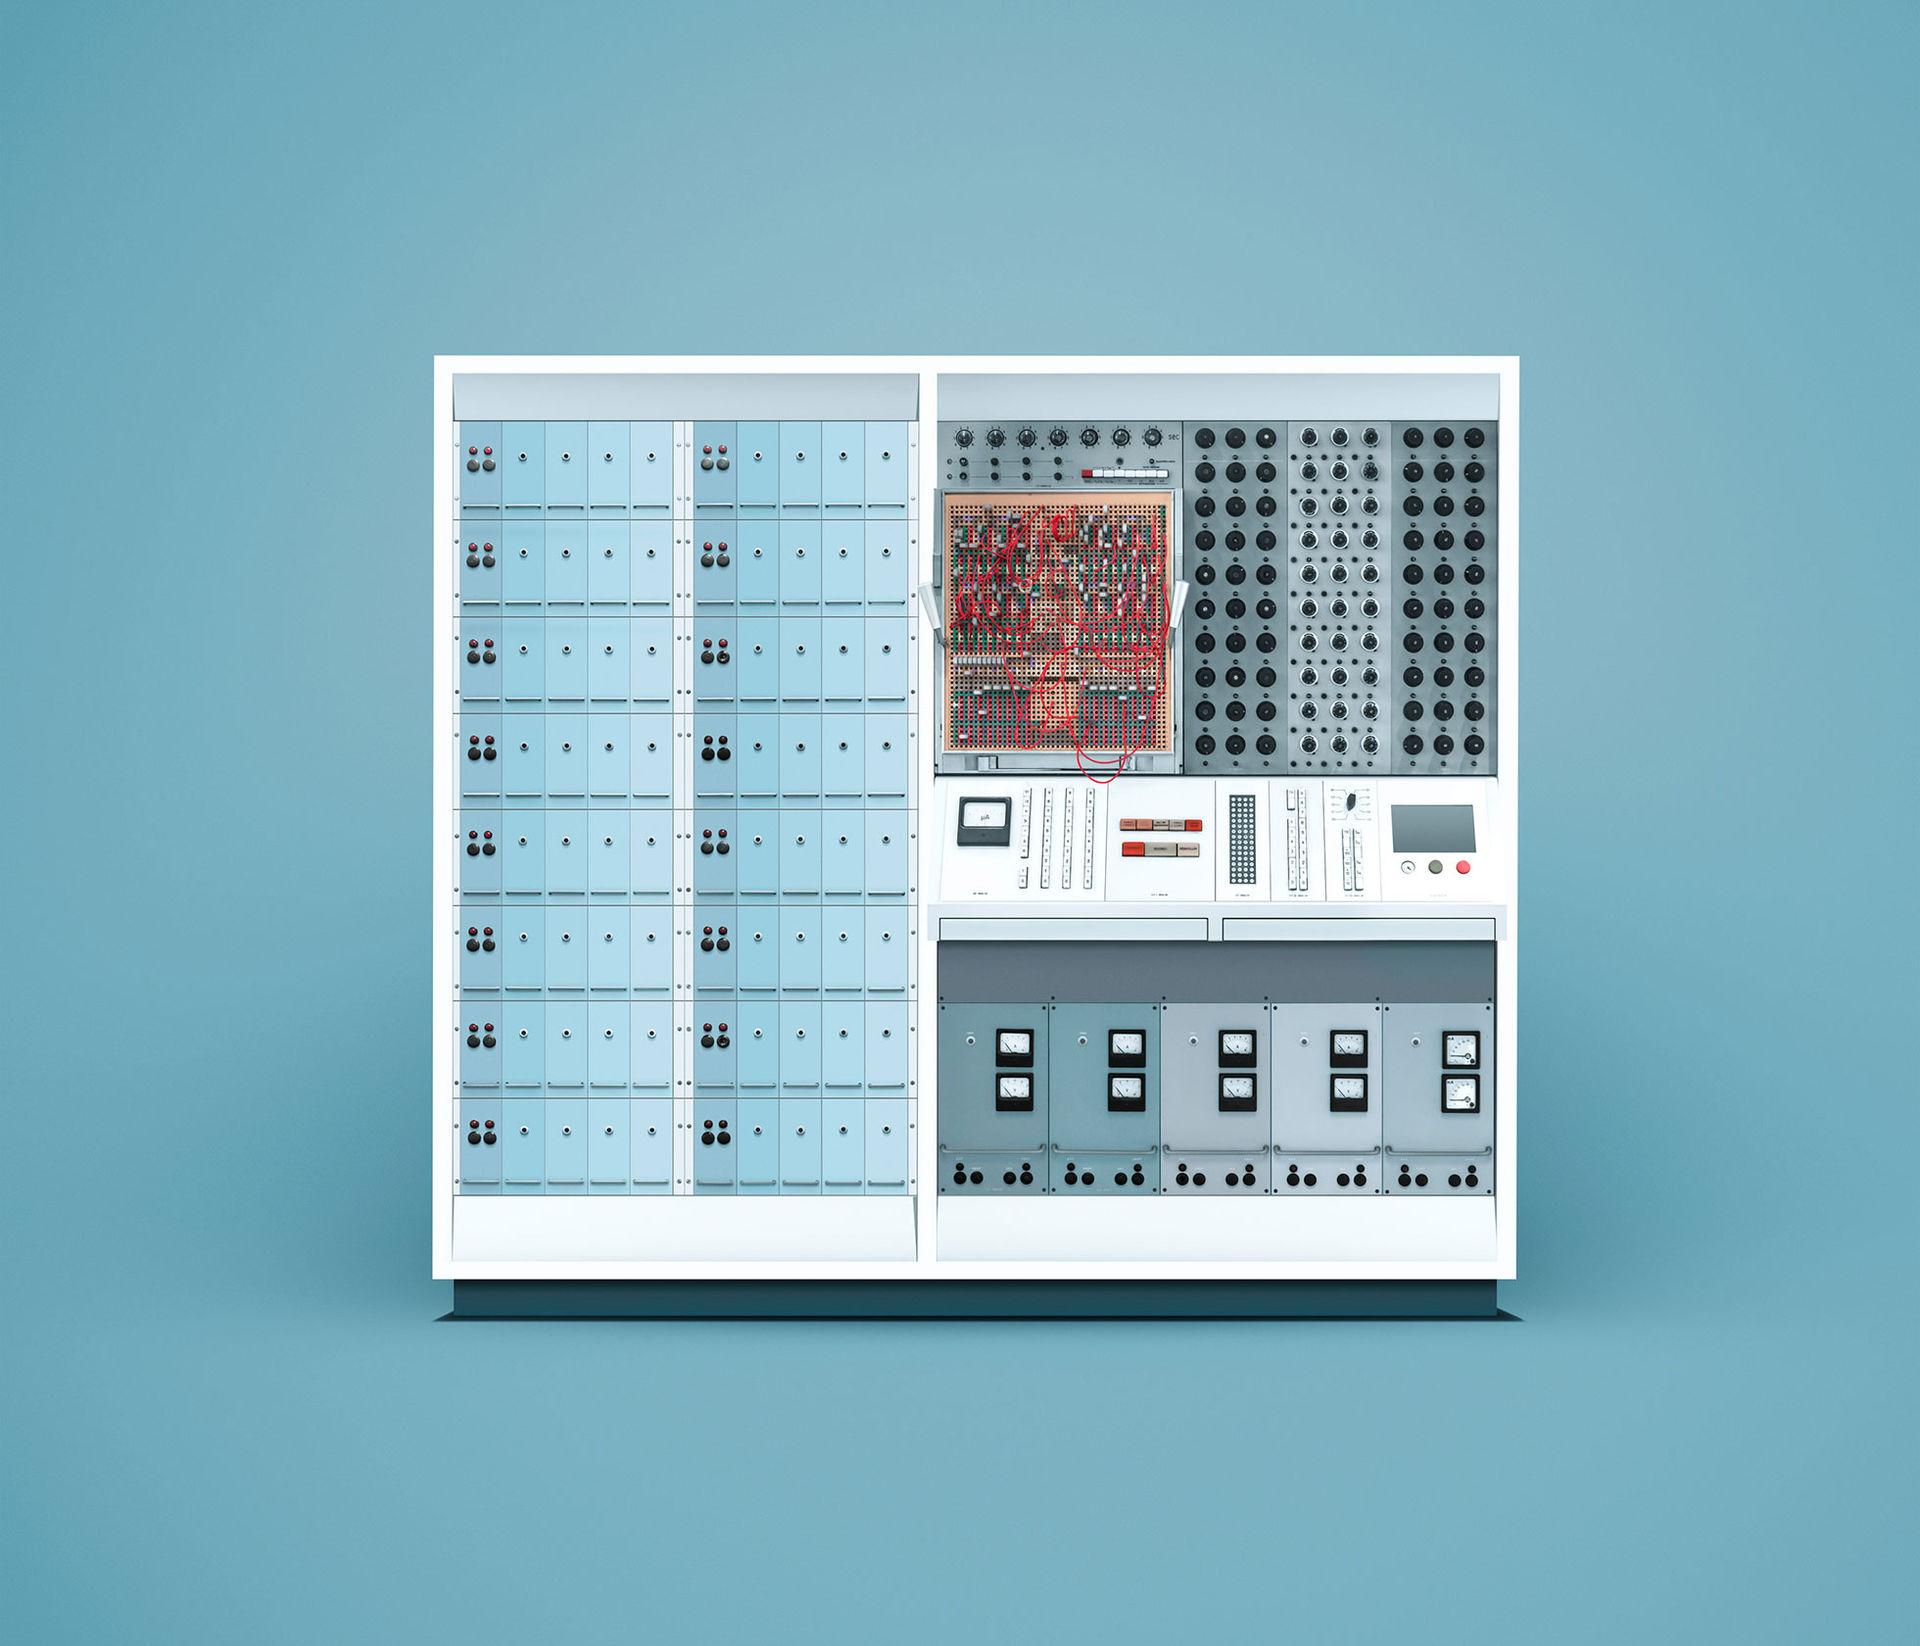 Fantastiska bilder på klassiska datorer